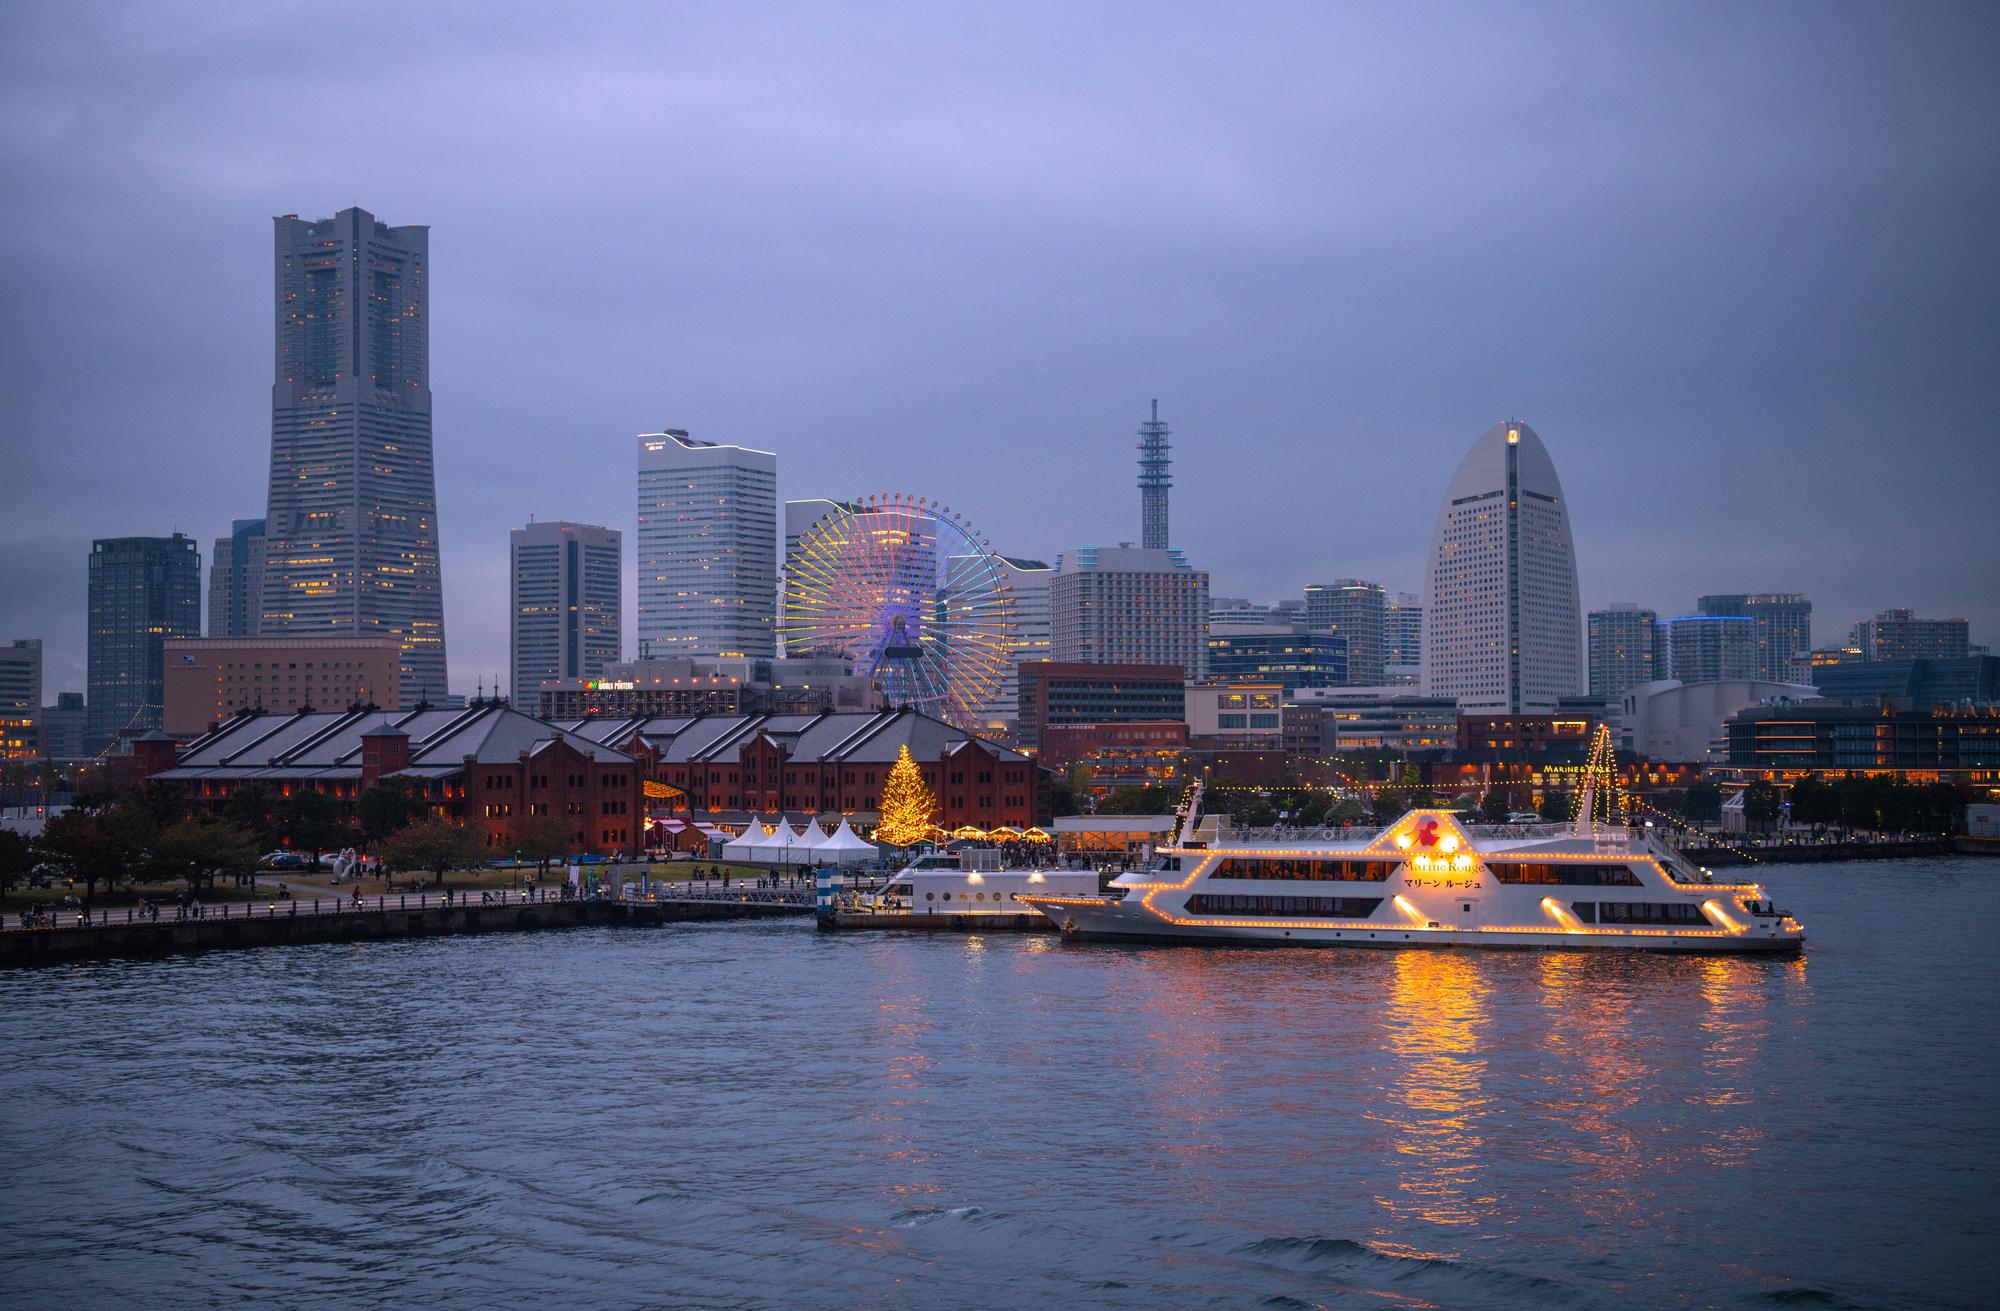 横浜港に浮かぶライトアップされたクルーザー